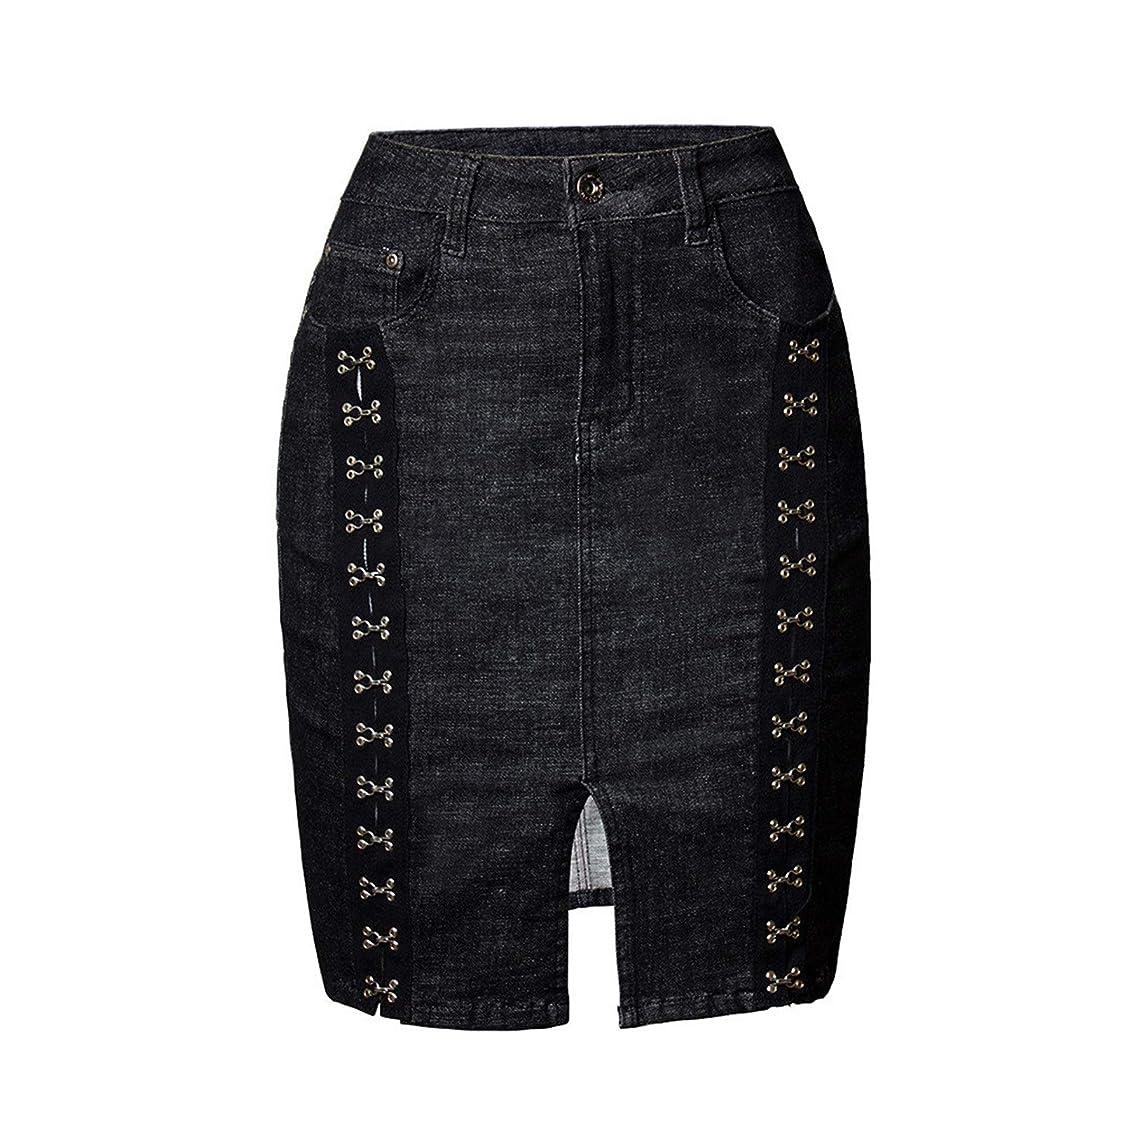 練習具体的に名誉あるレディーススカート レディースボディスリミングブラックバッグヒップスカートショートスカートリベットを開きバックルスプリットデニムスカート スリム フィット (Color : Black, Size : Large)